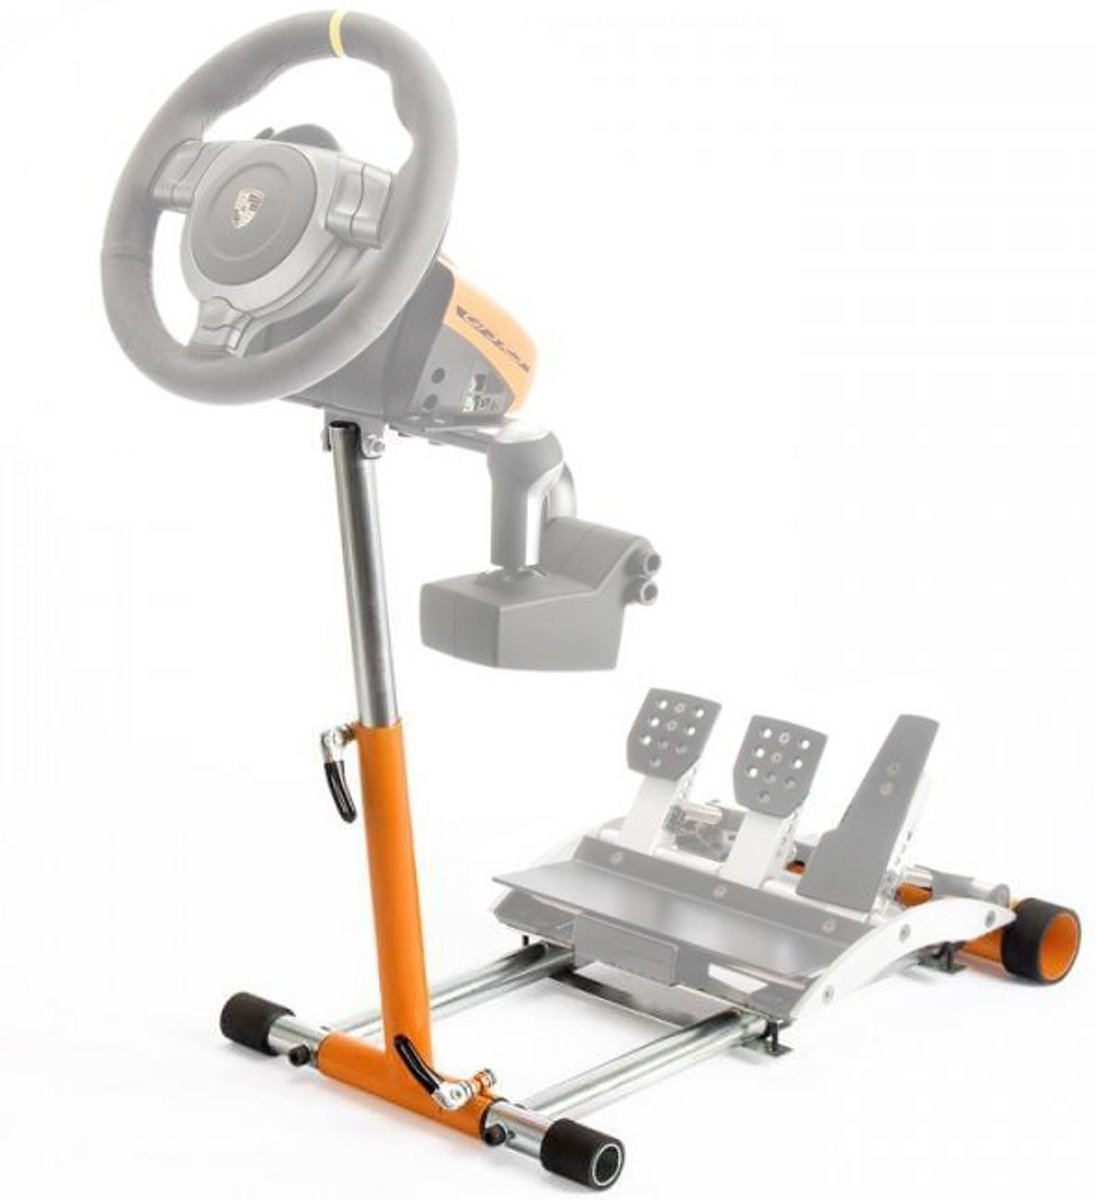 Wheel Stand Pro voor Porsche GT3 / CSR /CSP Race Stuur - DELUXE- V2 (Zonder stuur, pedalen en schakelpook)